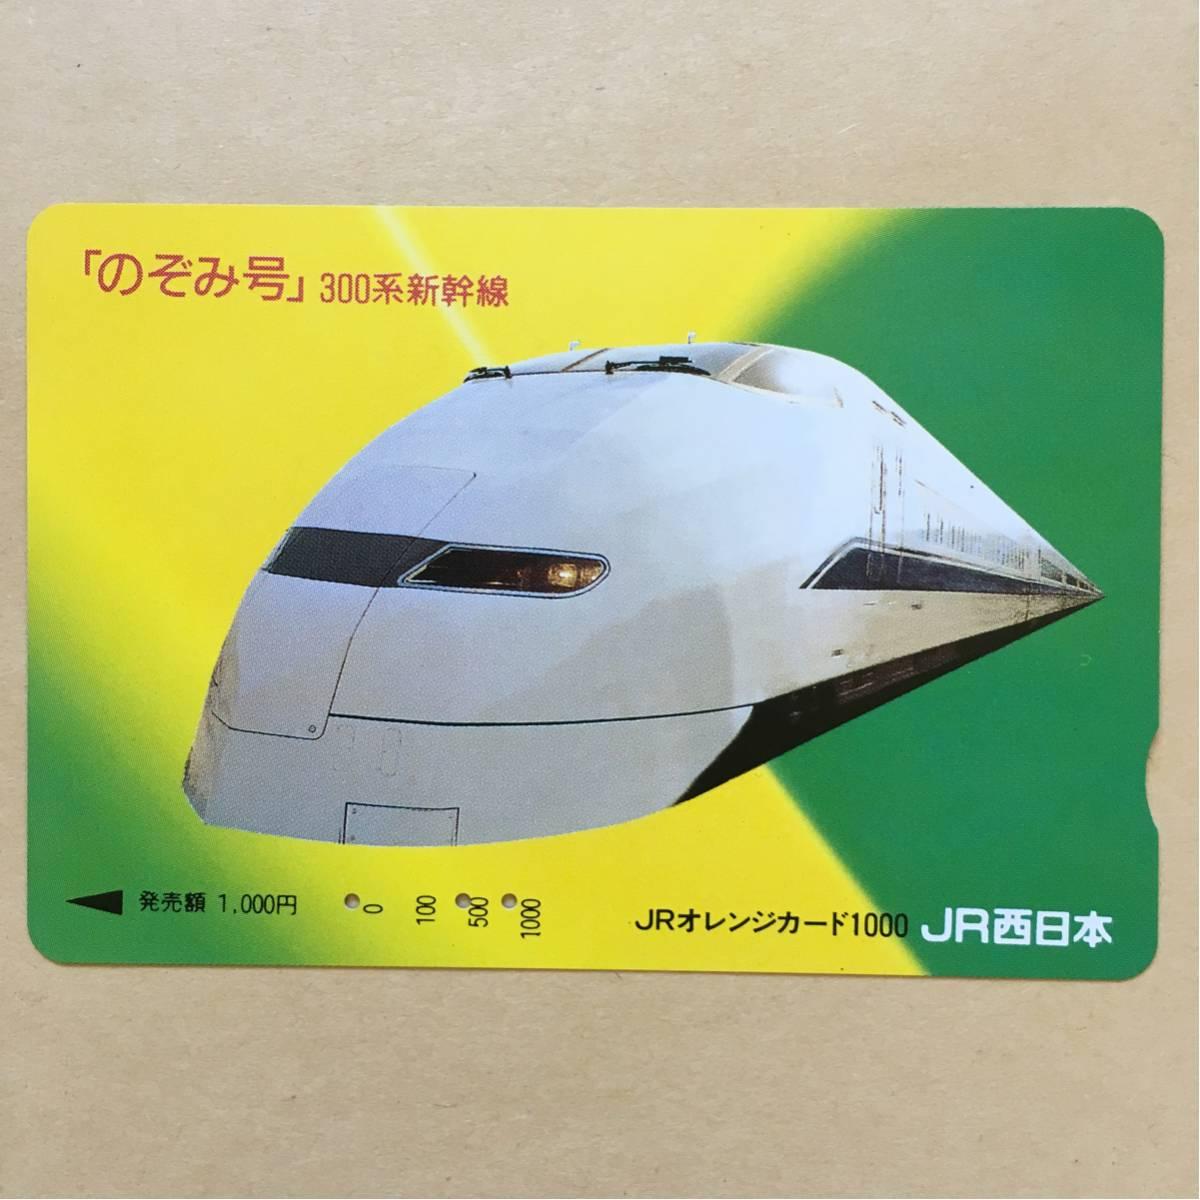 【使用済】 オレンジカード JR西日本 のぞみ号 300系新幹線_画像1